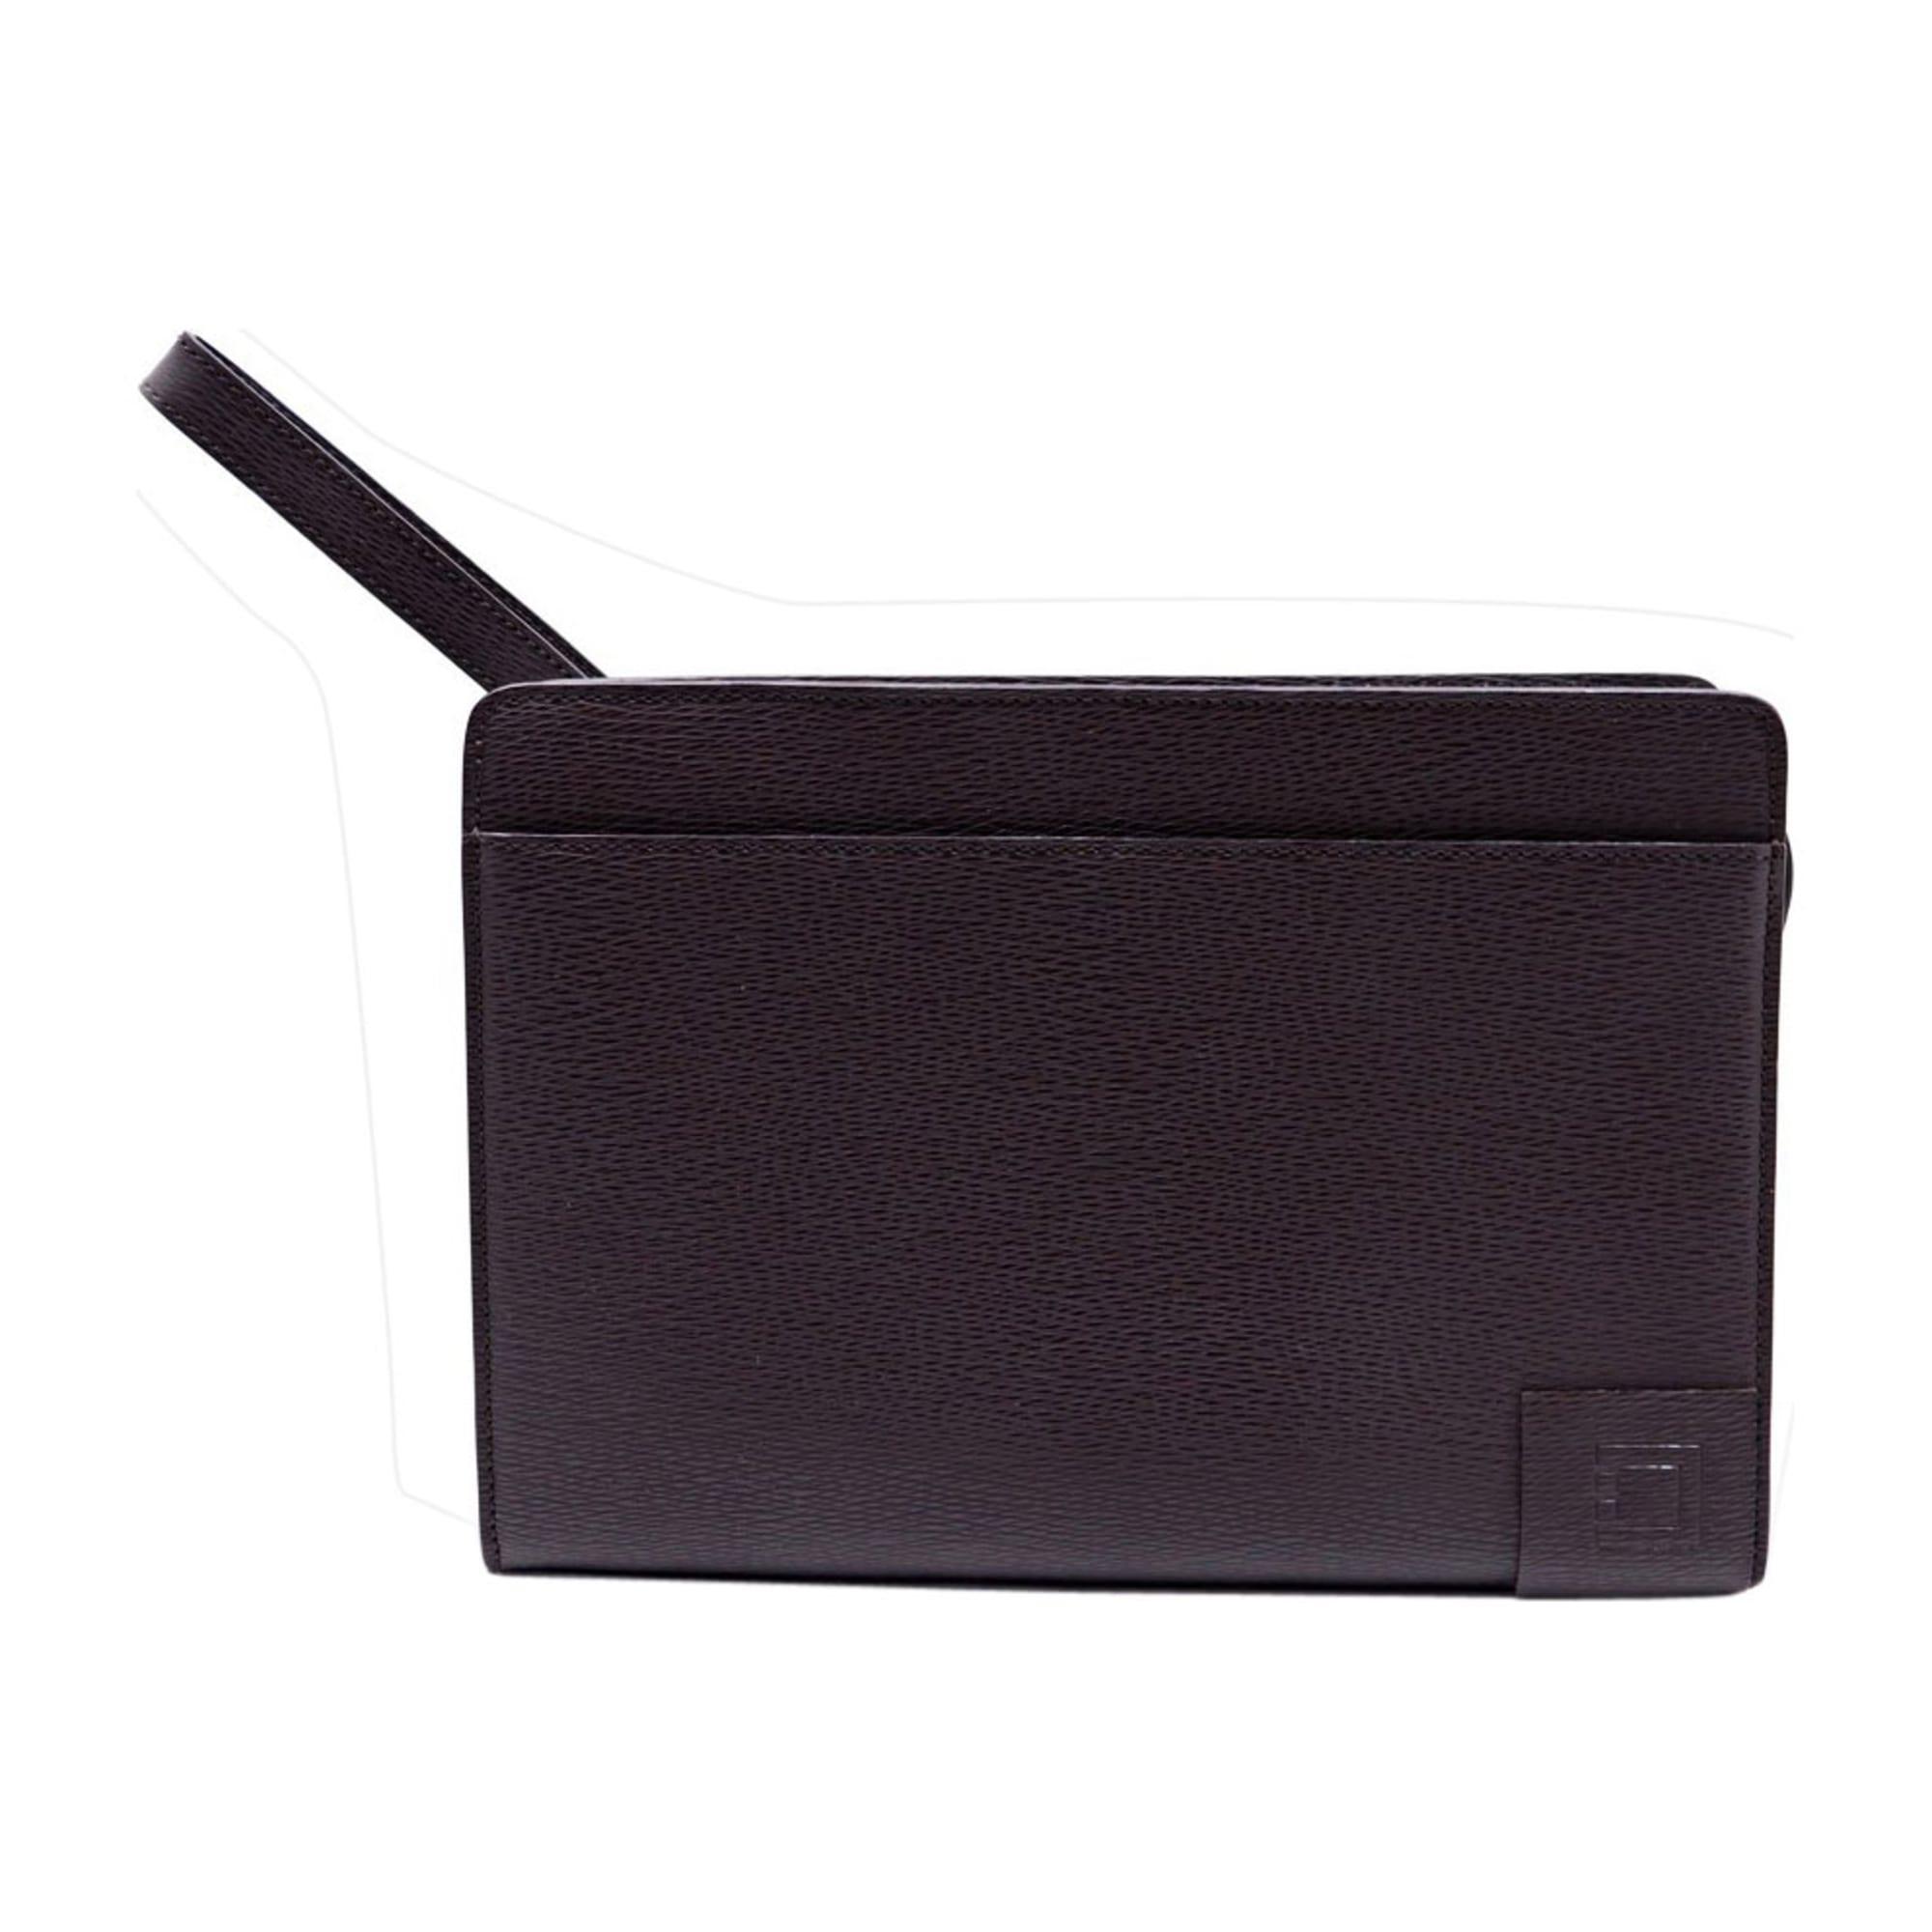 Porte document, serviette ST DUPONT cuir marron